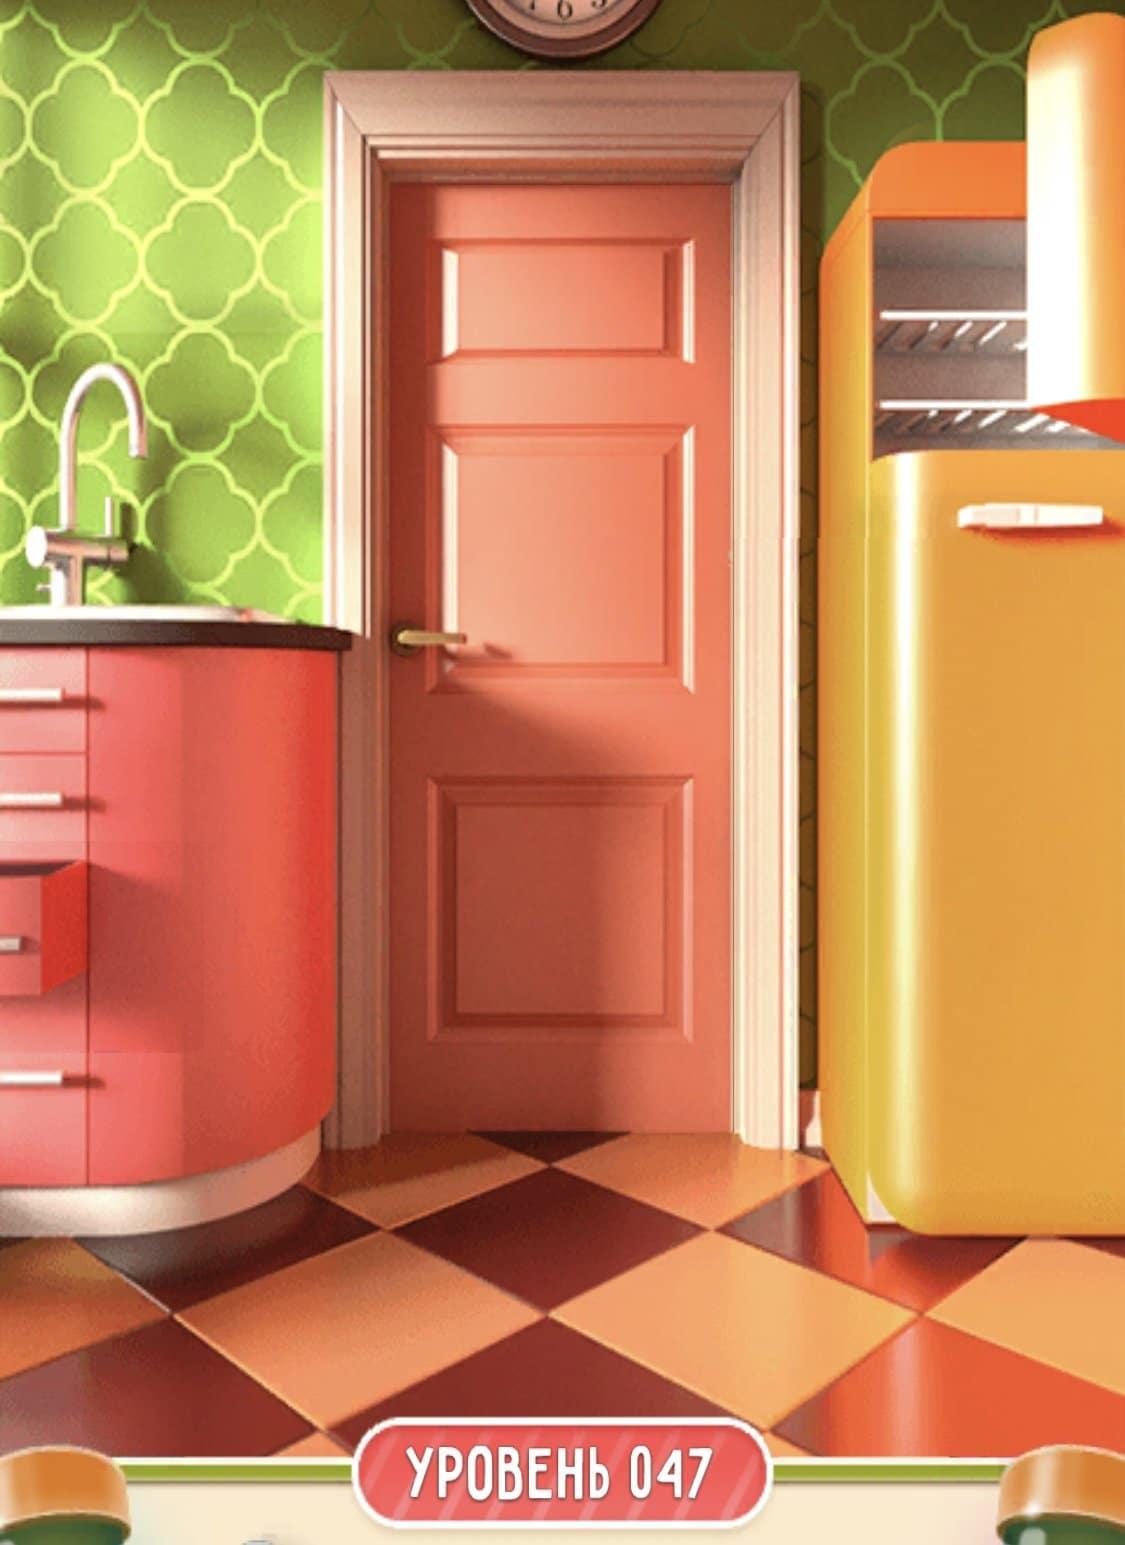 На стене висит форма для ключа, снимите ее со стены и положите на столешницу кухни под кран, затем кликните на кран и залейте форму водой. Далее откройте холодильник и положите форму с водой в морозильную камеру. Теперь нажмите три раза на часы и время пройдет быстрее, доставайте из камеры лед. В выдвижном ящике третьем с верху, возьмите нож и с помощью него достаньте из формы ключ. Открывайте замок и проходите на новый этаж.